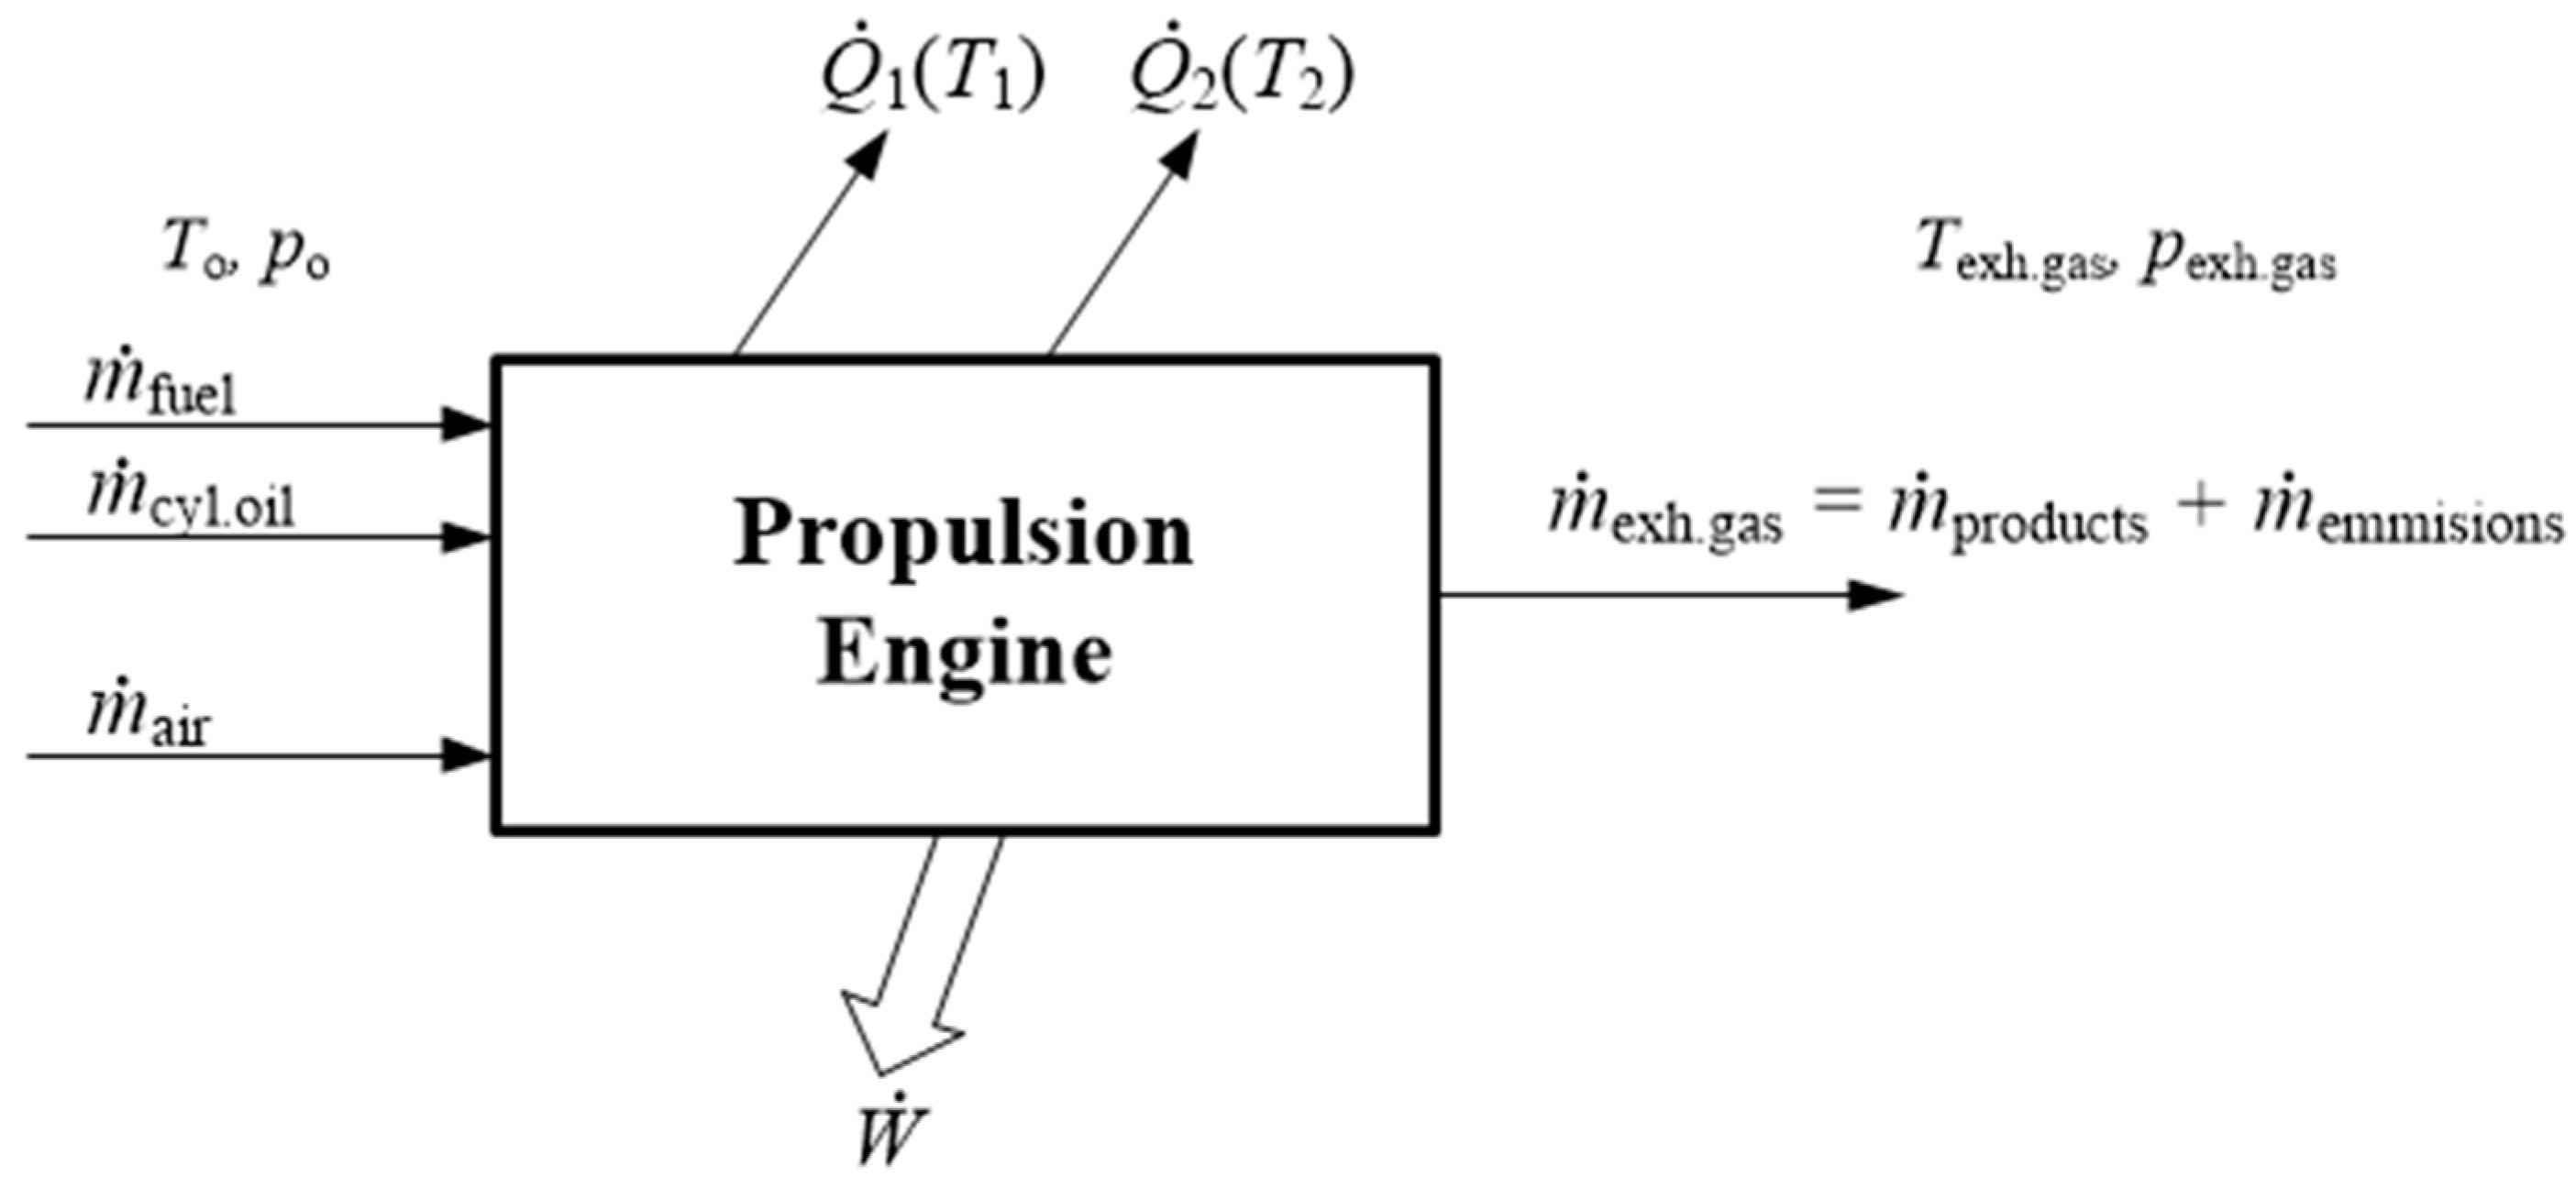 Valve Timing Diagram Of Diesel Engine Energies Free Full Text Of Valve Timing Diagram Of Diesel Engine Energies Free Full Text